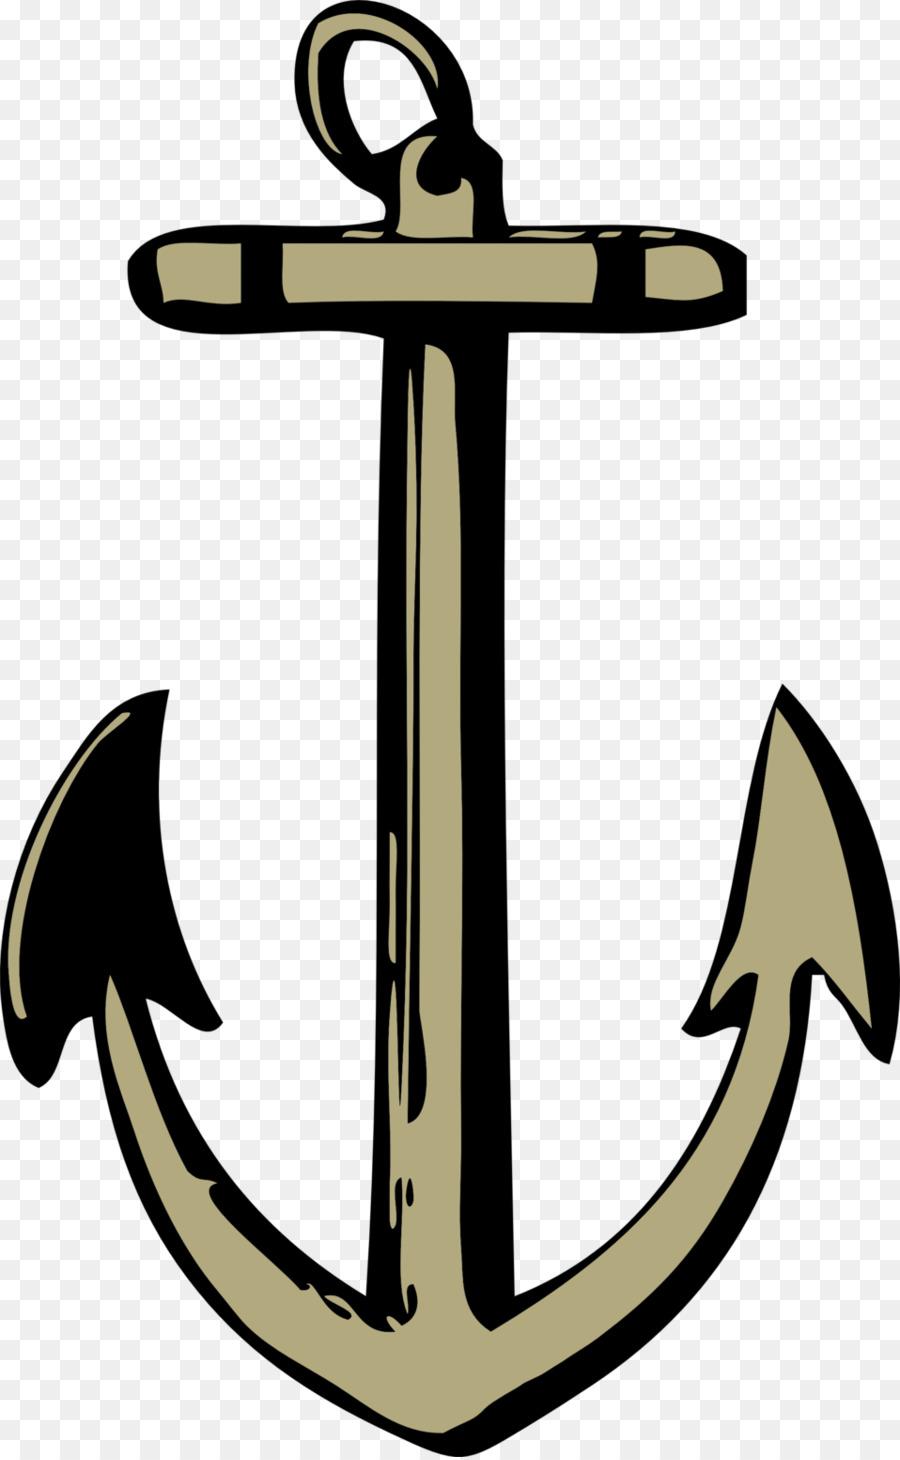 anchor clip art clipart Anchor Clip art